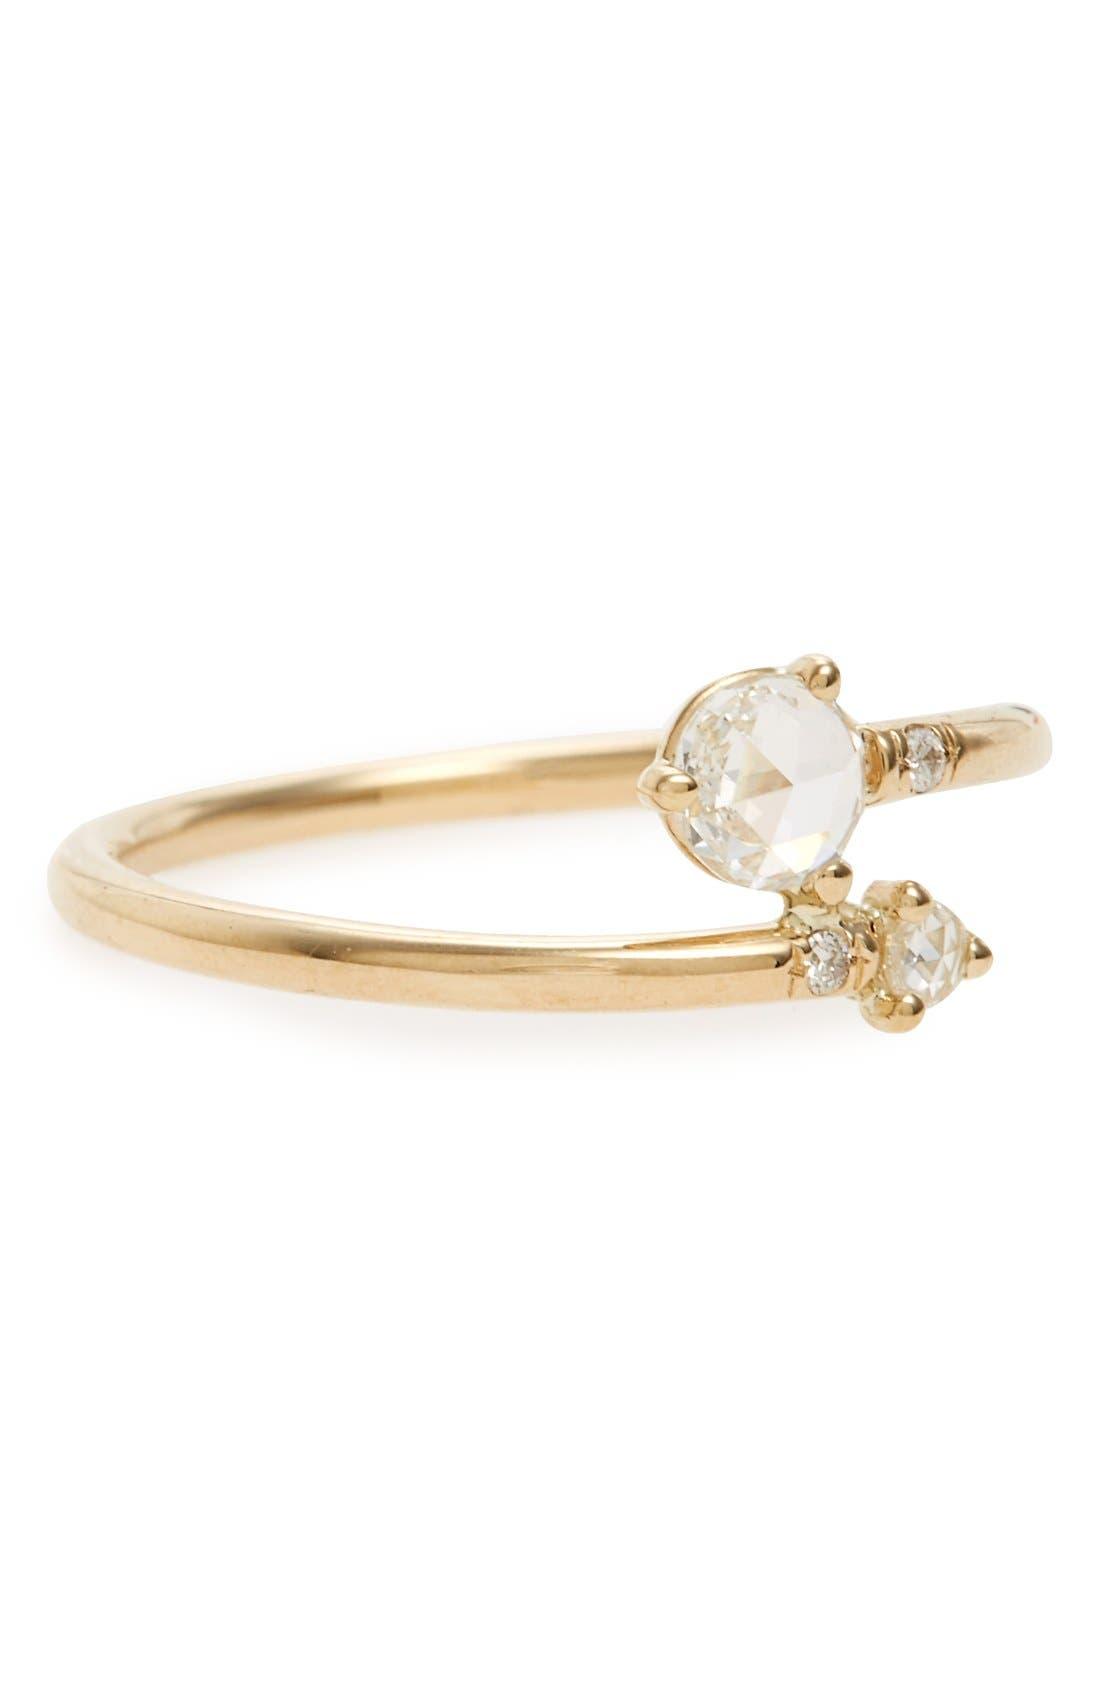 Main Image - WWAKE Diamond Crossover Ring